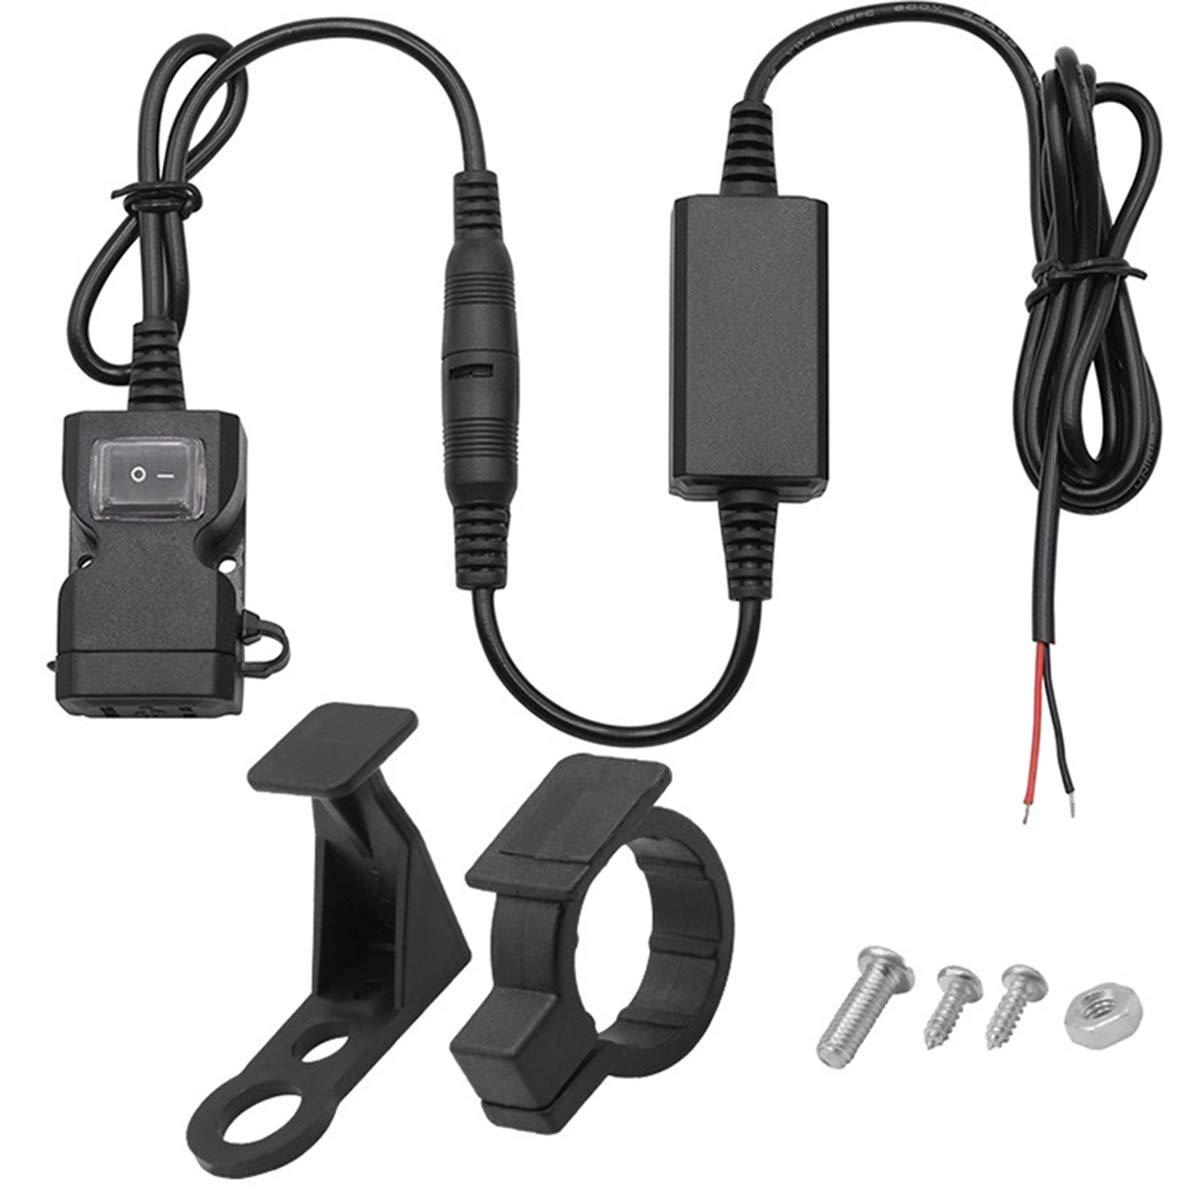 Vosarea USB Caricabatterie da Moto Manubrio Retrovisore impermeabile doppio porte 3.1 A Adattatore di presa di ricarica rapida con interruttore per scooter di moto Triciclo e altri veicoli 05214R63091